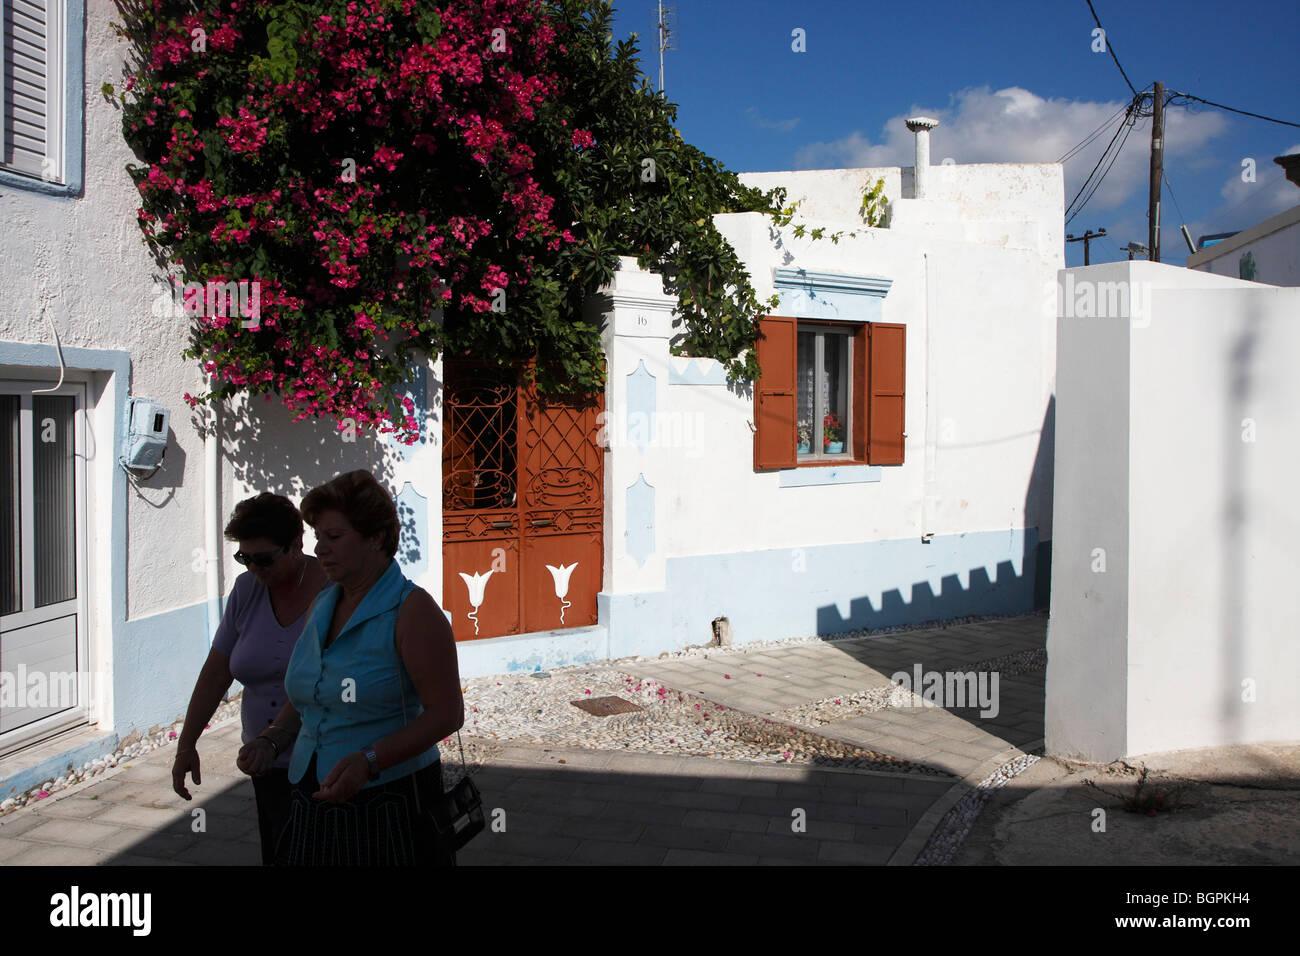 Travel Rhodes, Greece / Reiseziel Rhodos, Griechenland - Stock Image